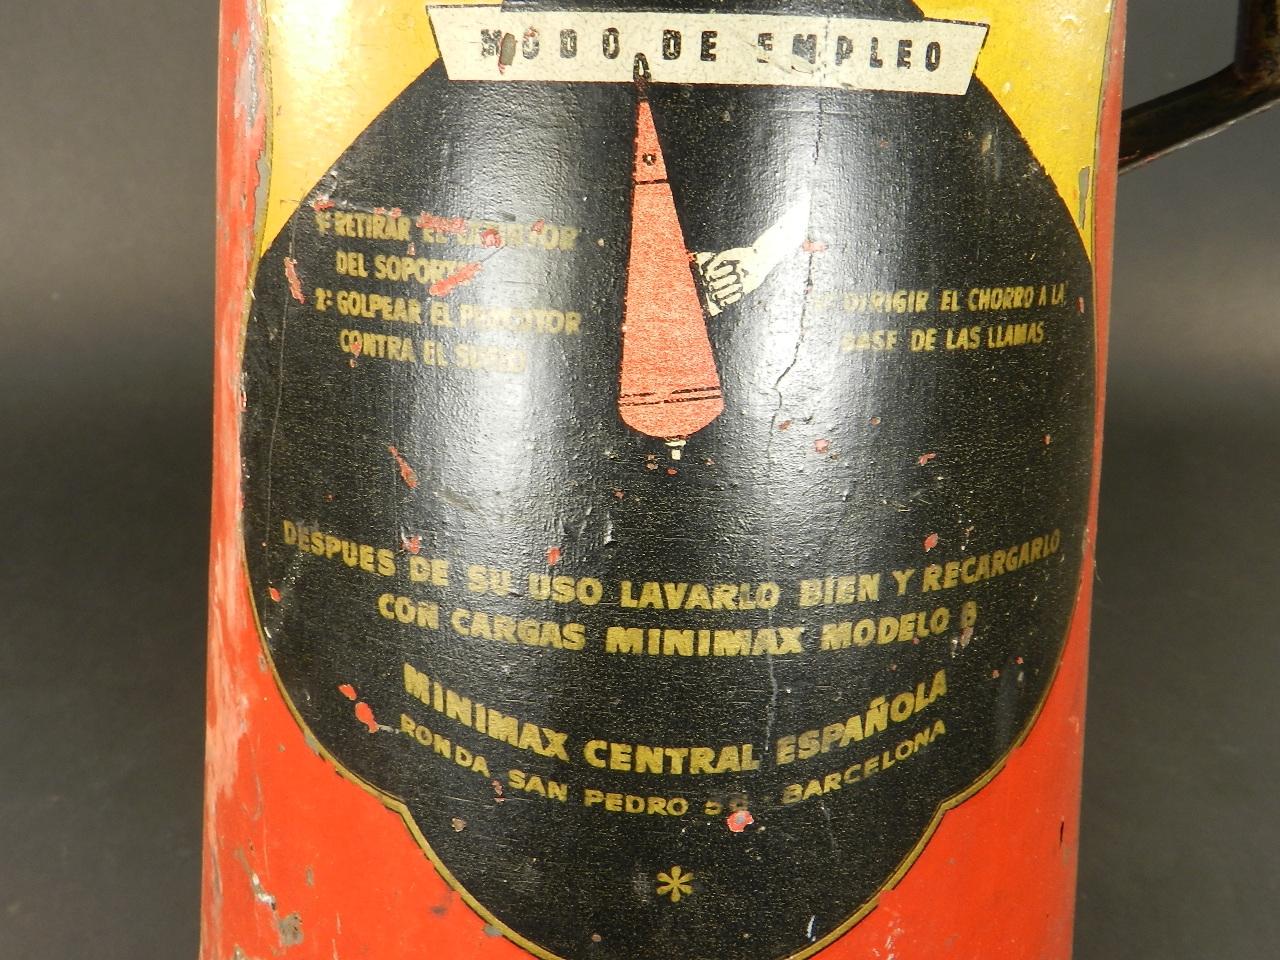 Imagen EXTINTOR CONTRA INCENDIOS MINIMAX 26947